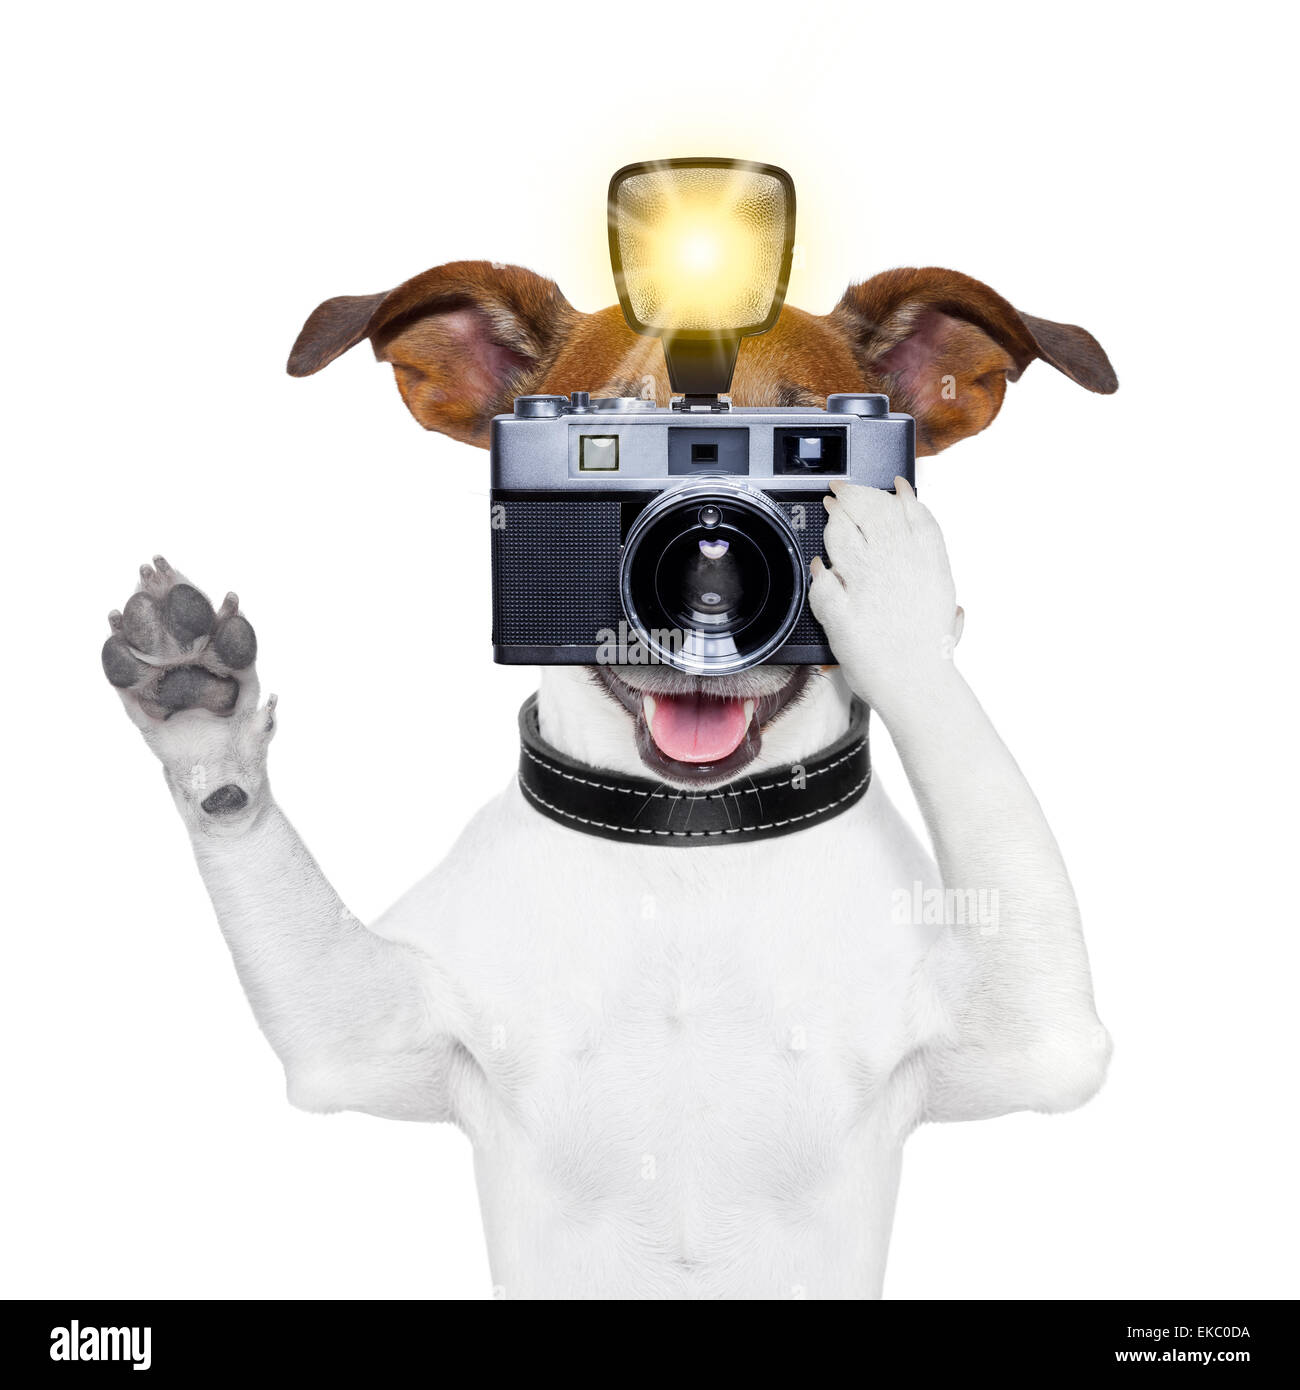 dog photo - Stock Image